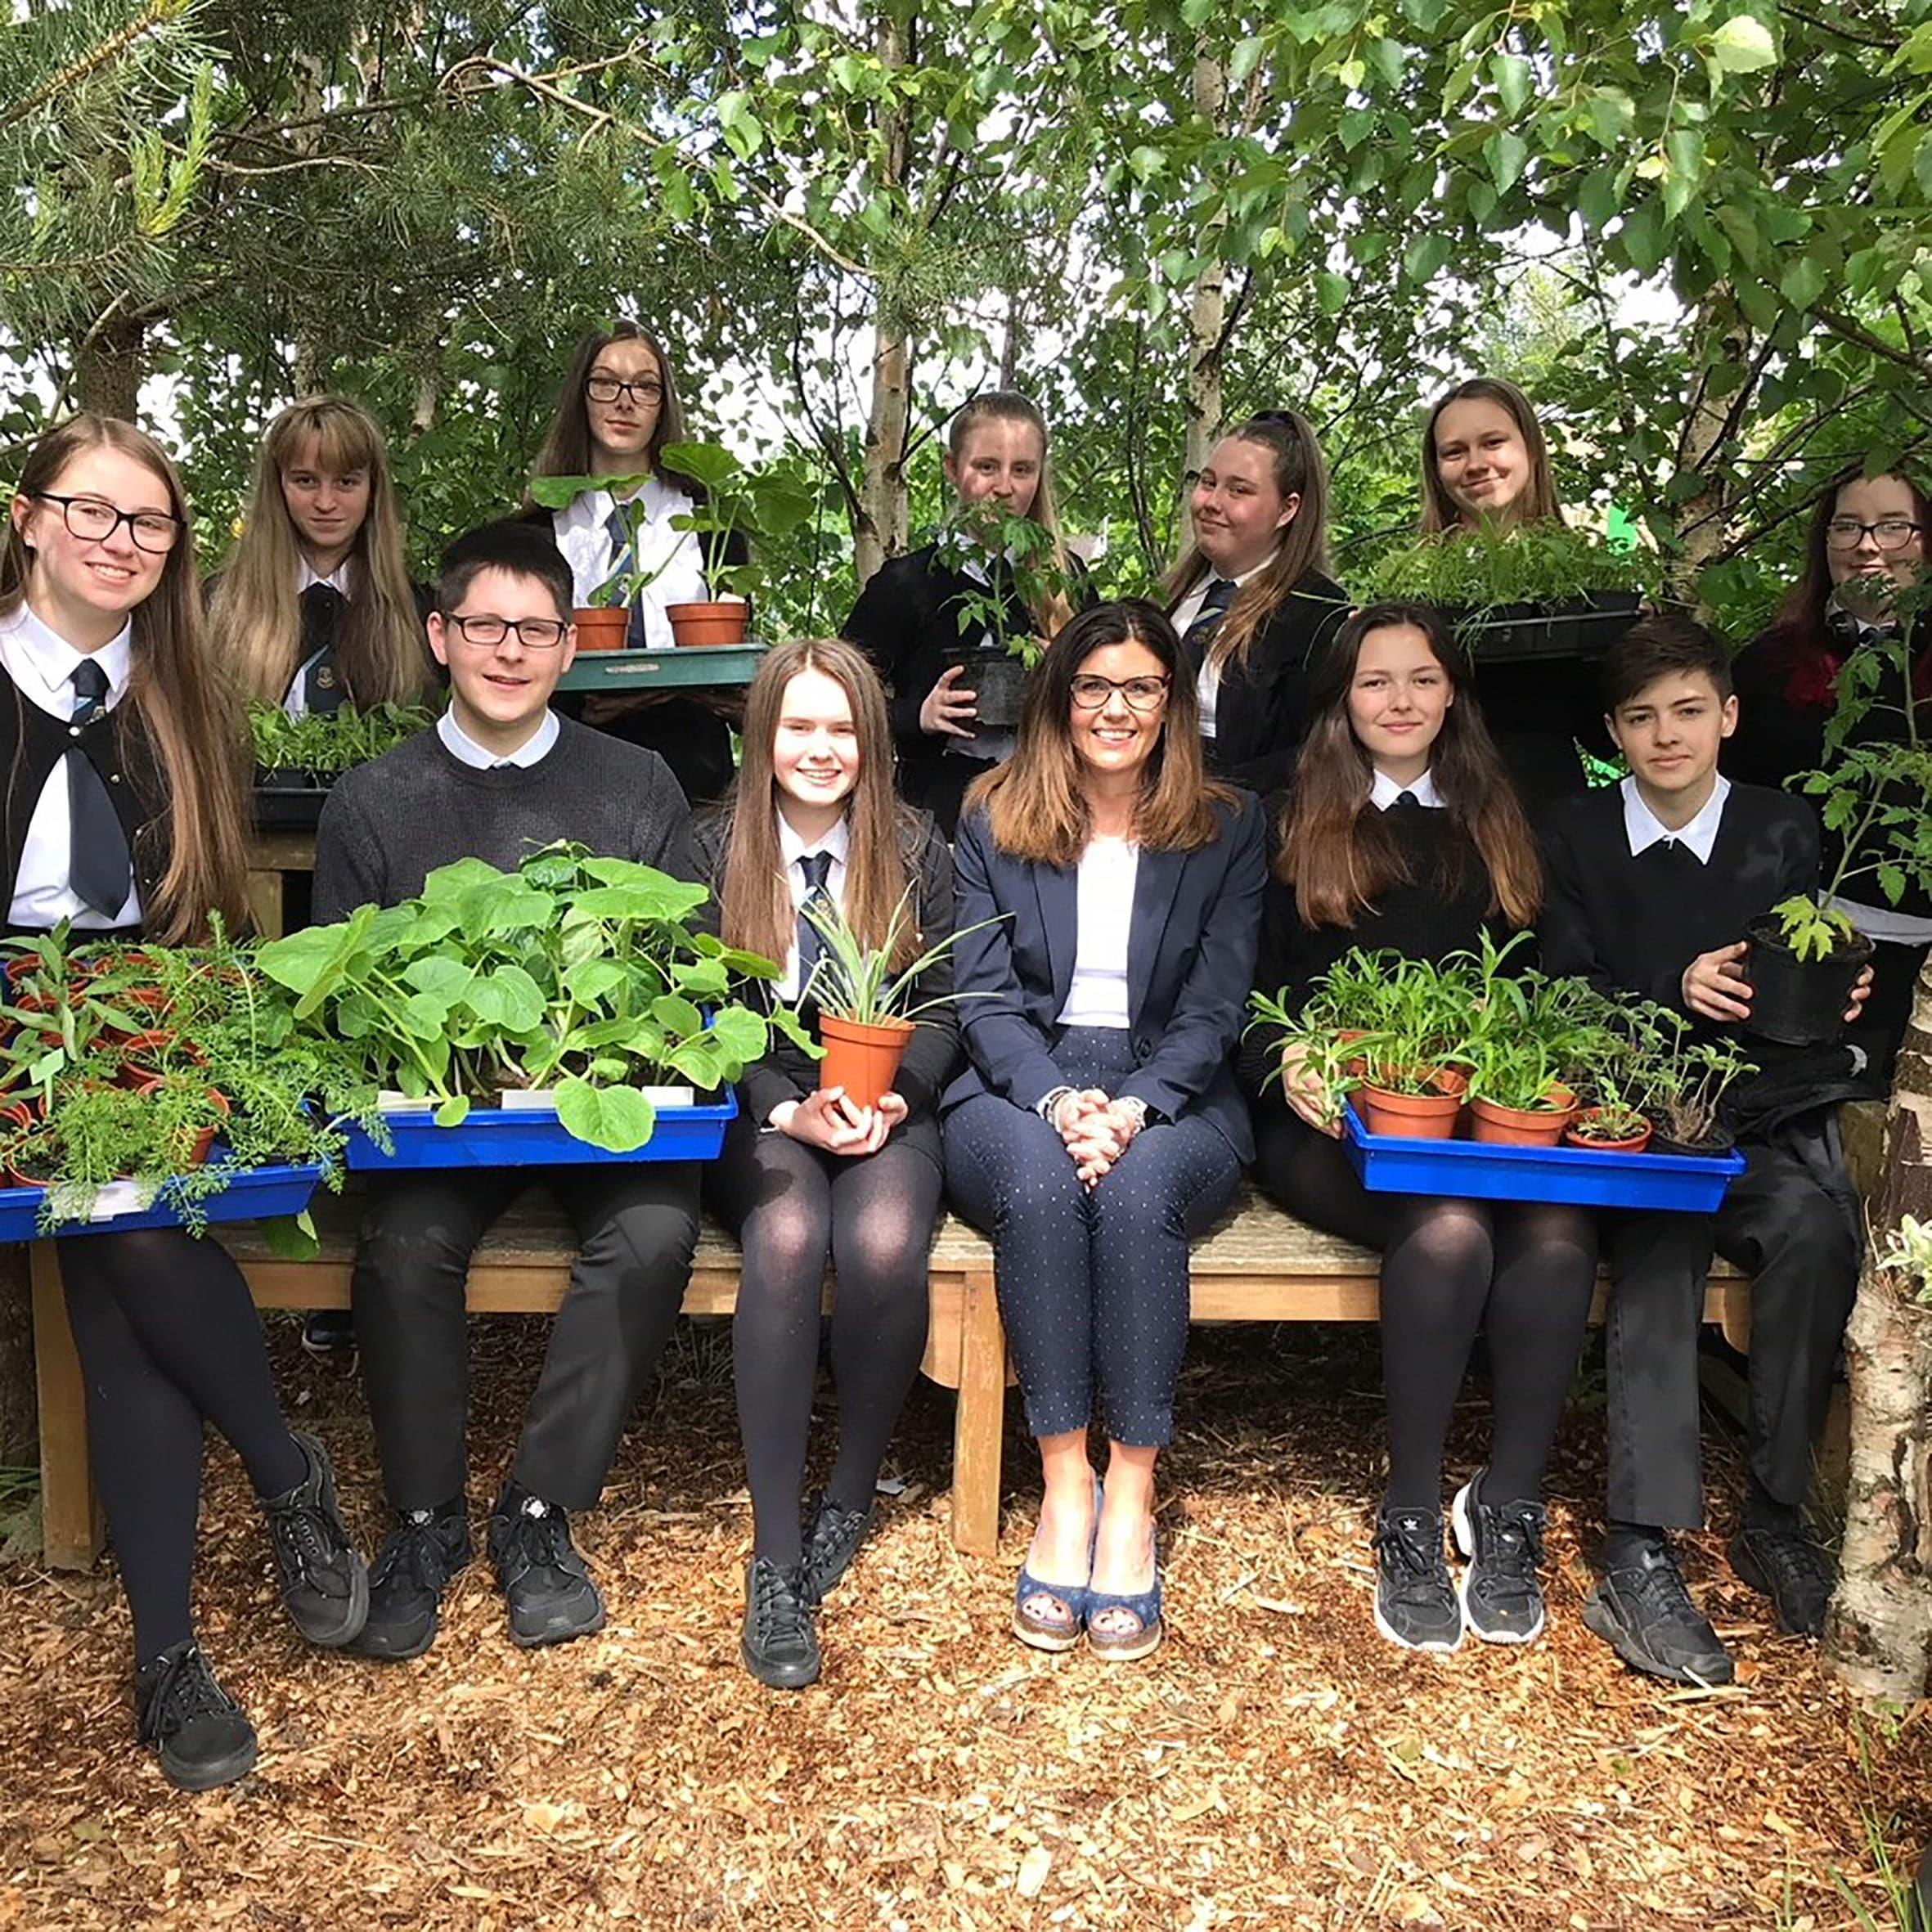 Craig Hepburn Menorial Garden Linwood High School 2019 Consent Given Image 4